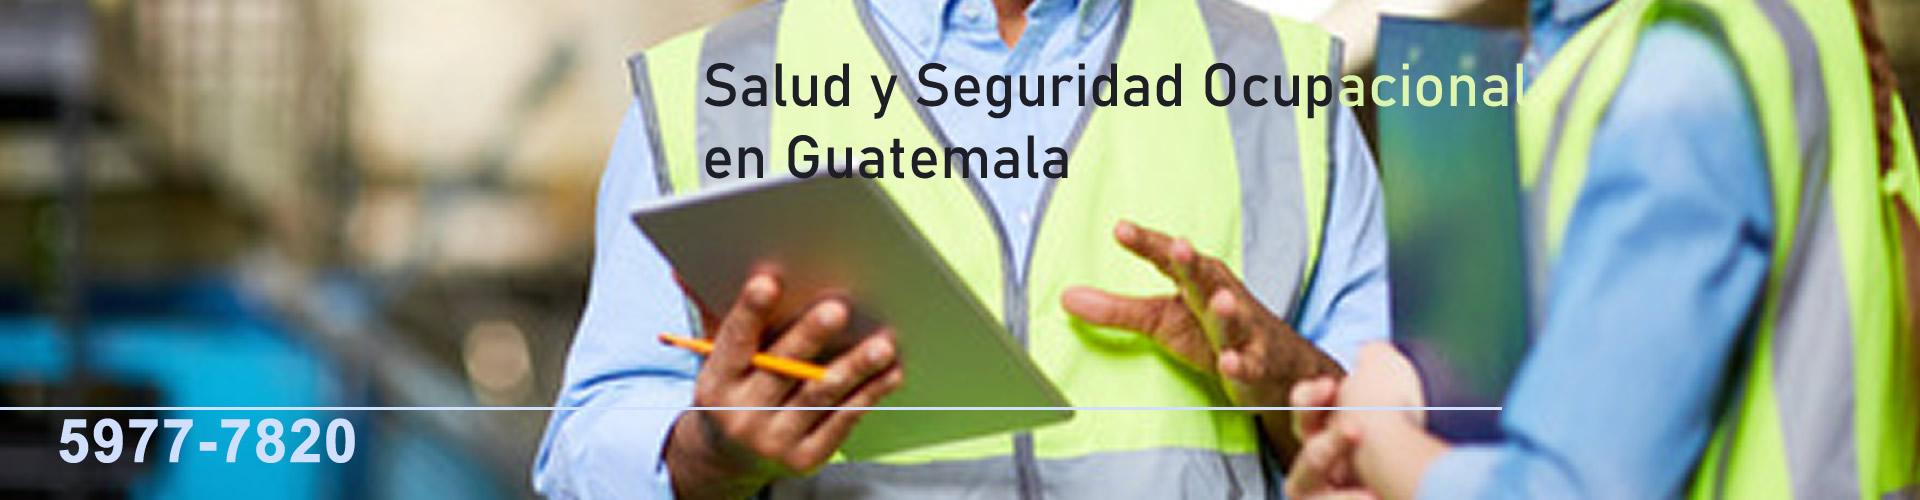 Salud y Seguridad Ocupacional en Guatemala